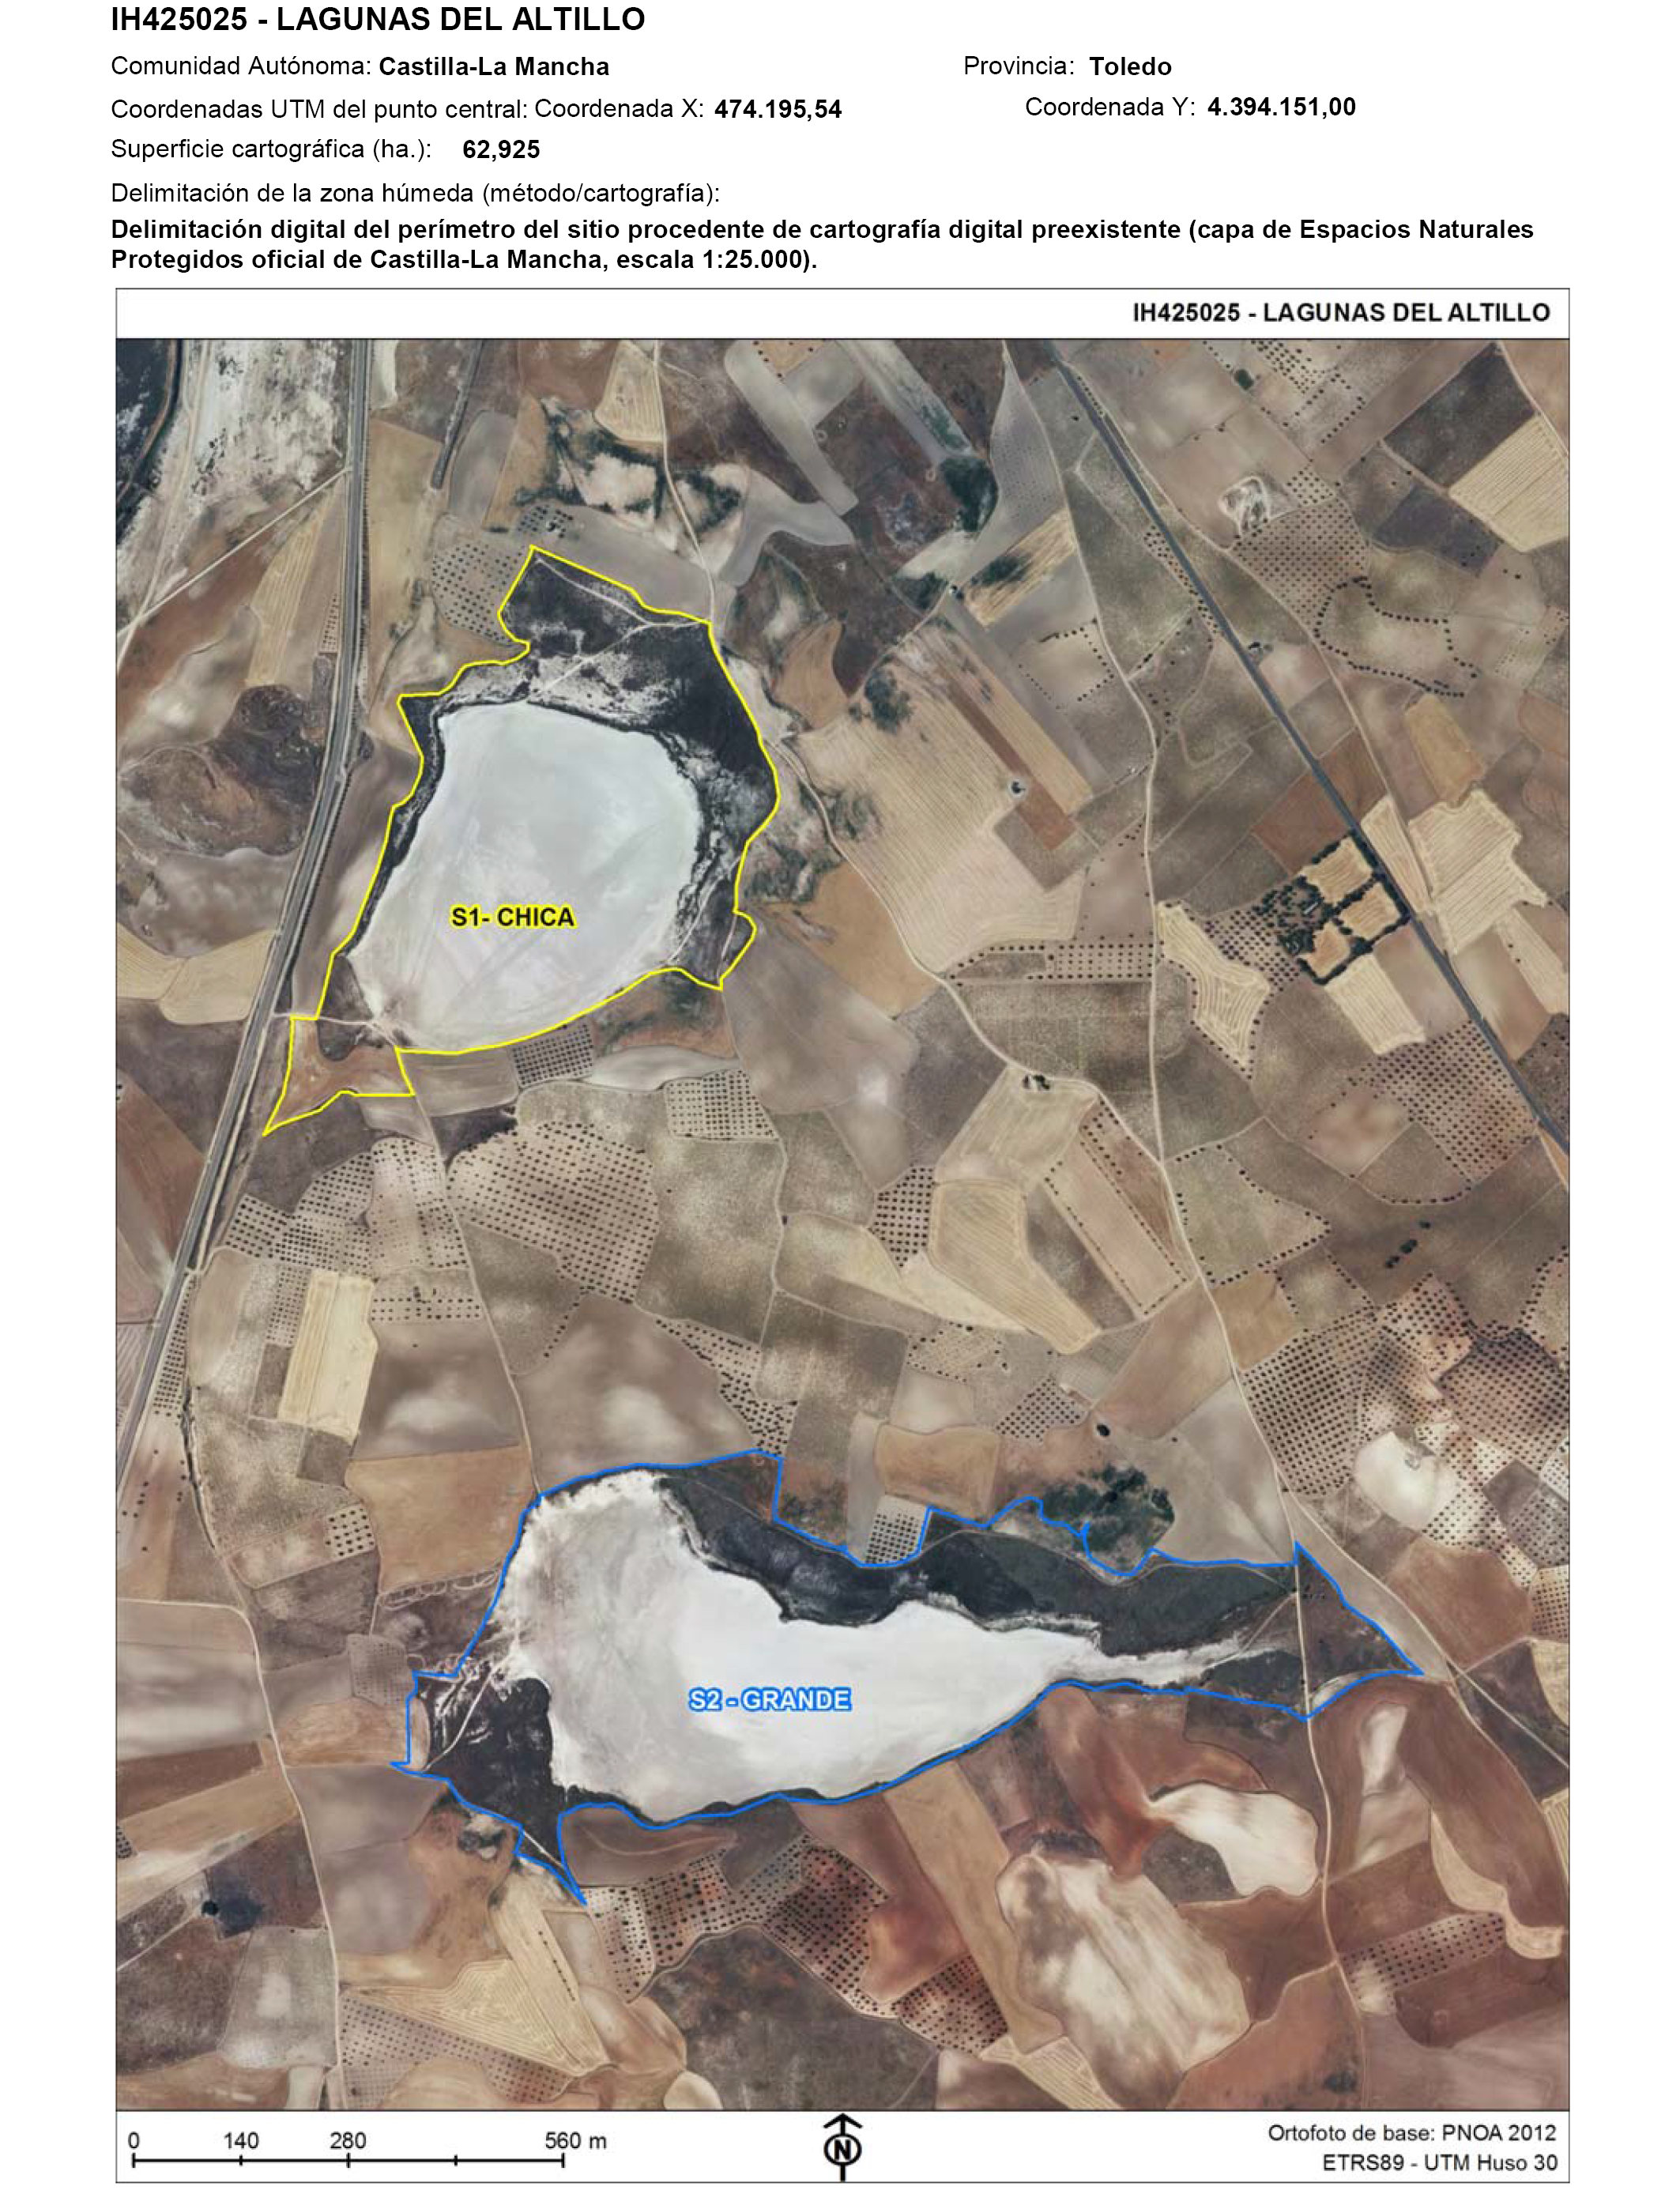 Resultado de imagen de Laguna del Altillo Grande